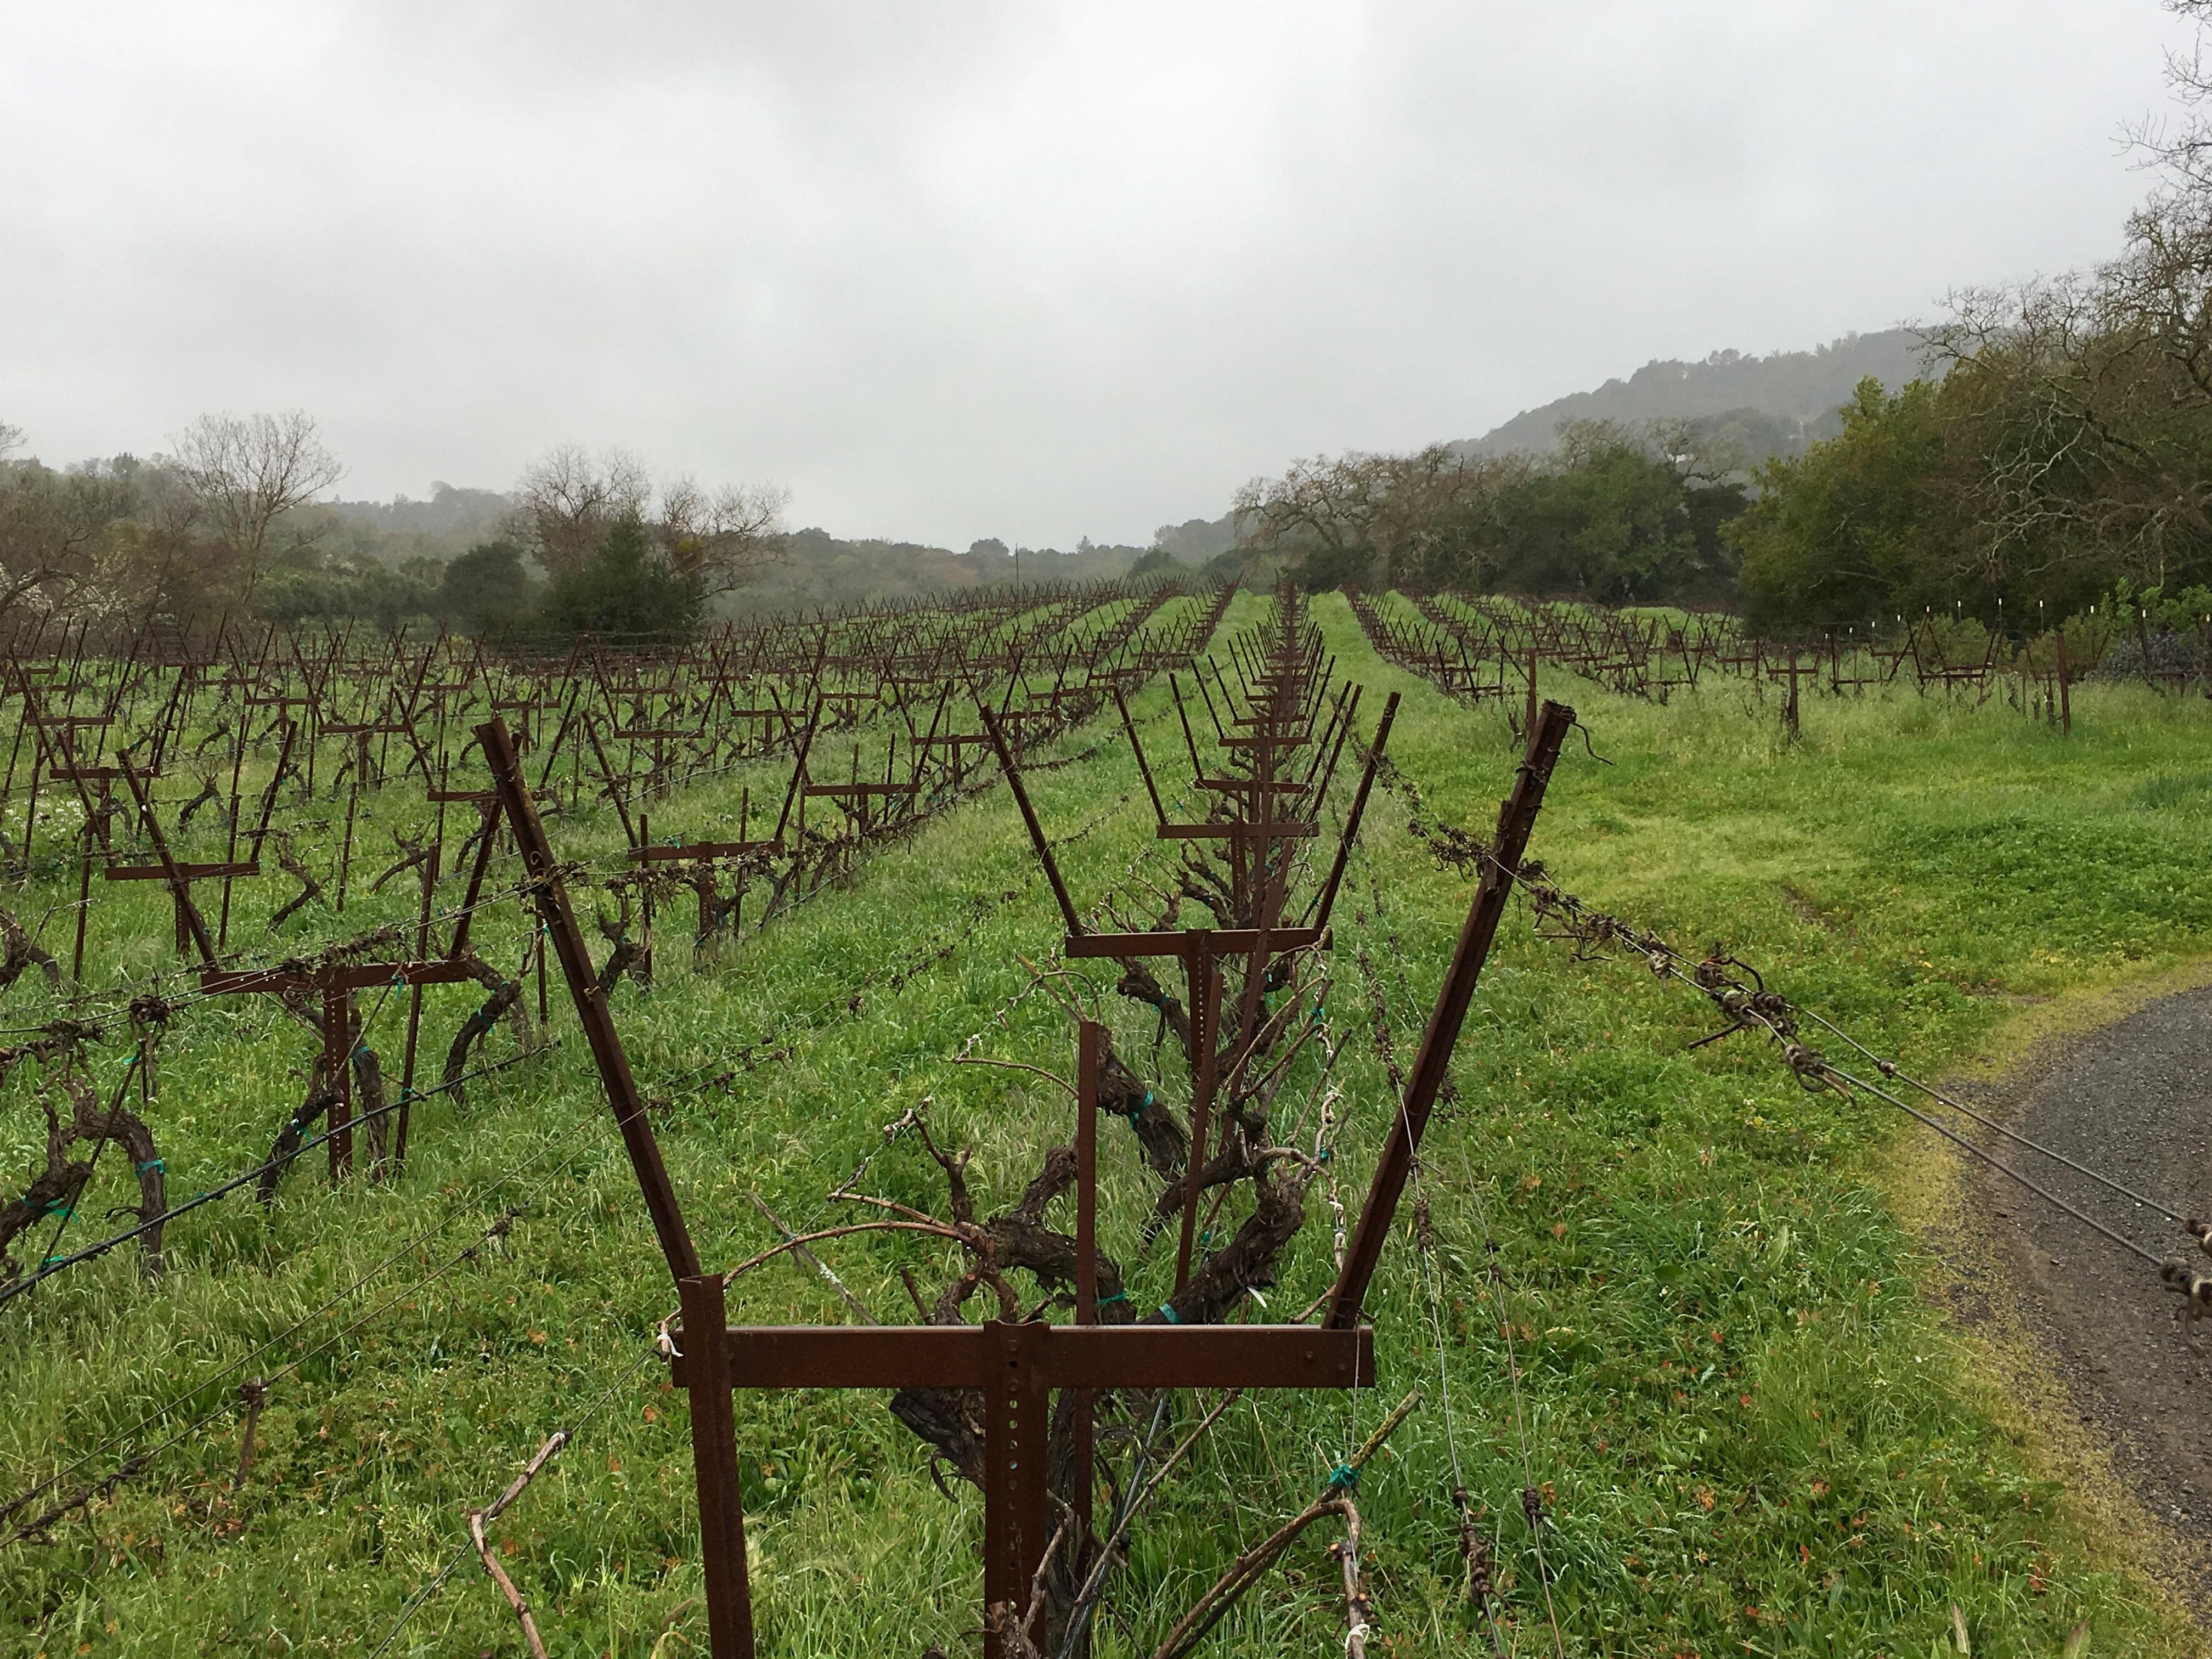 Harms Vineyard